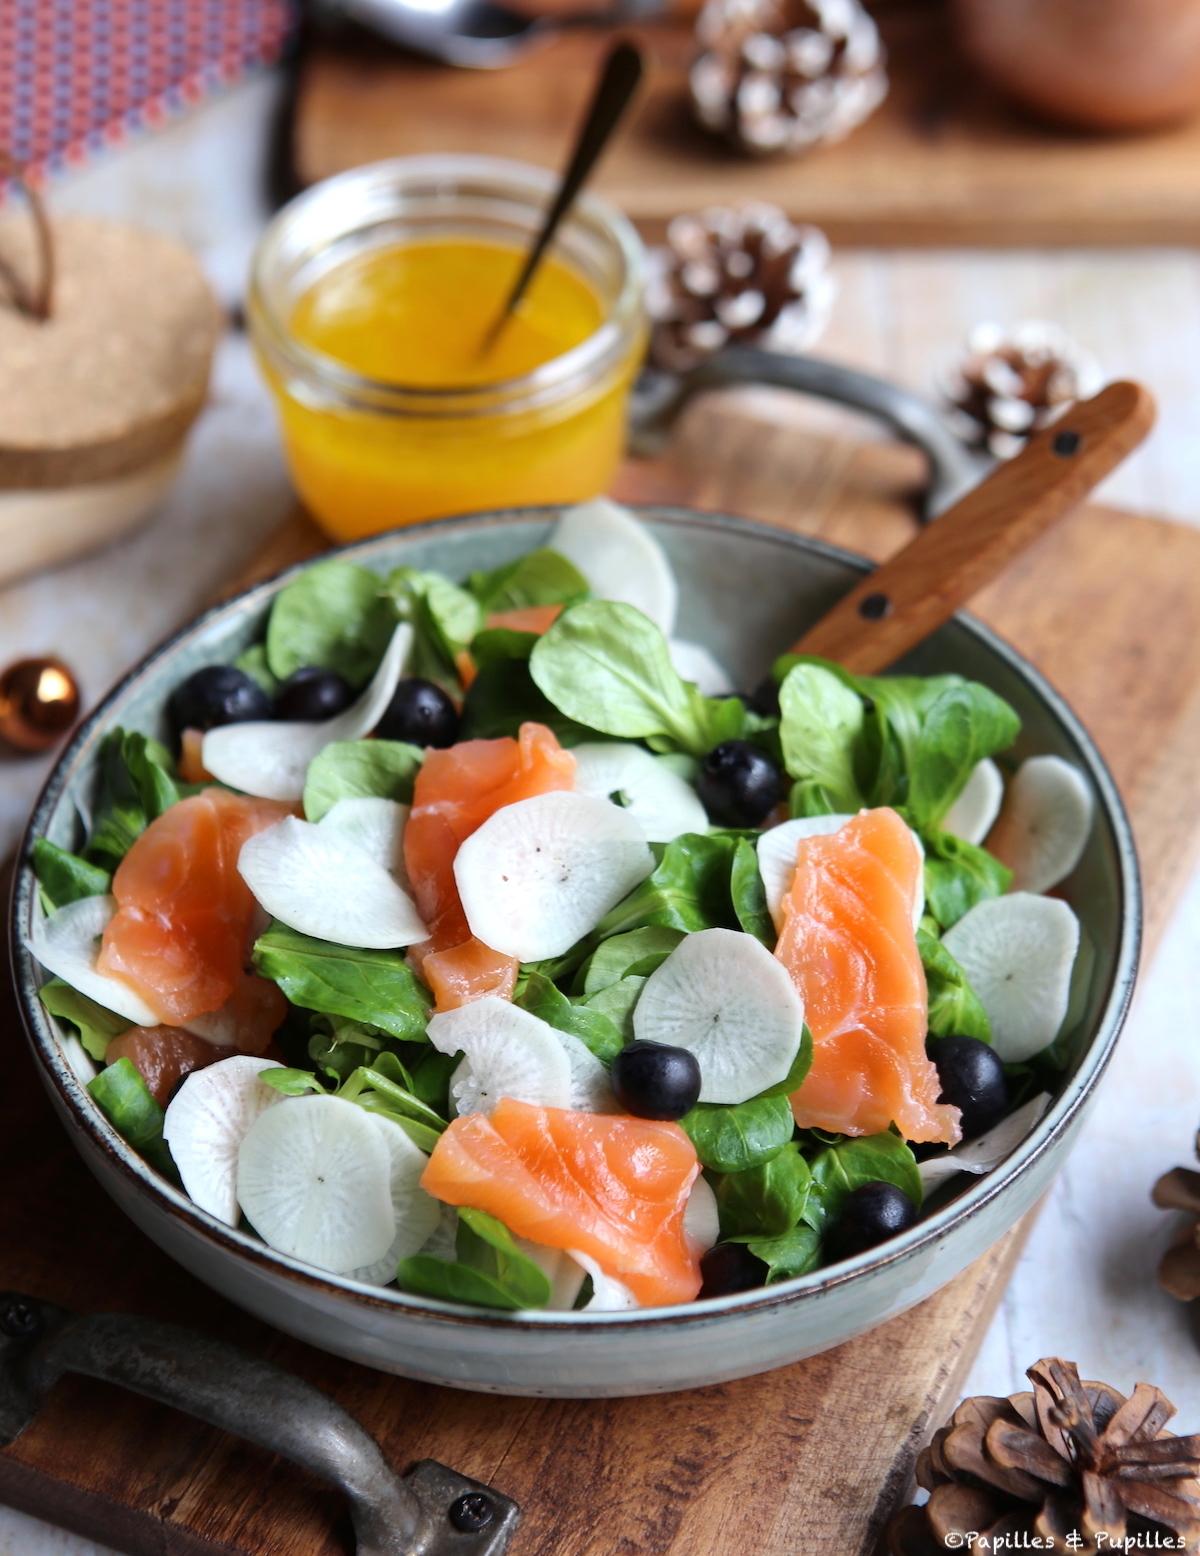 Salade de mâche saumon fumé radis noir et myrtille, vinaigrette aux agrumes